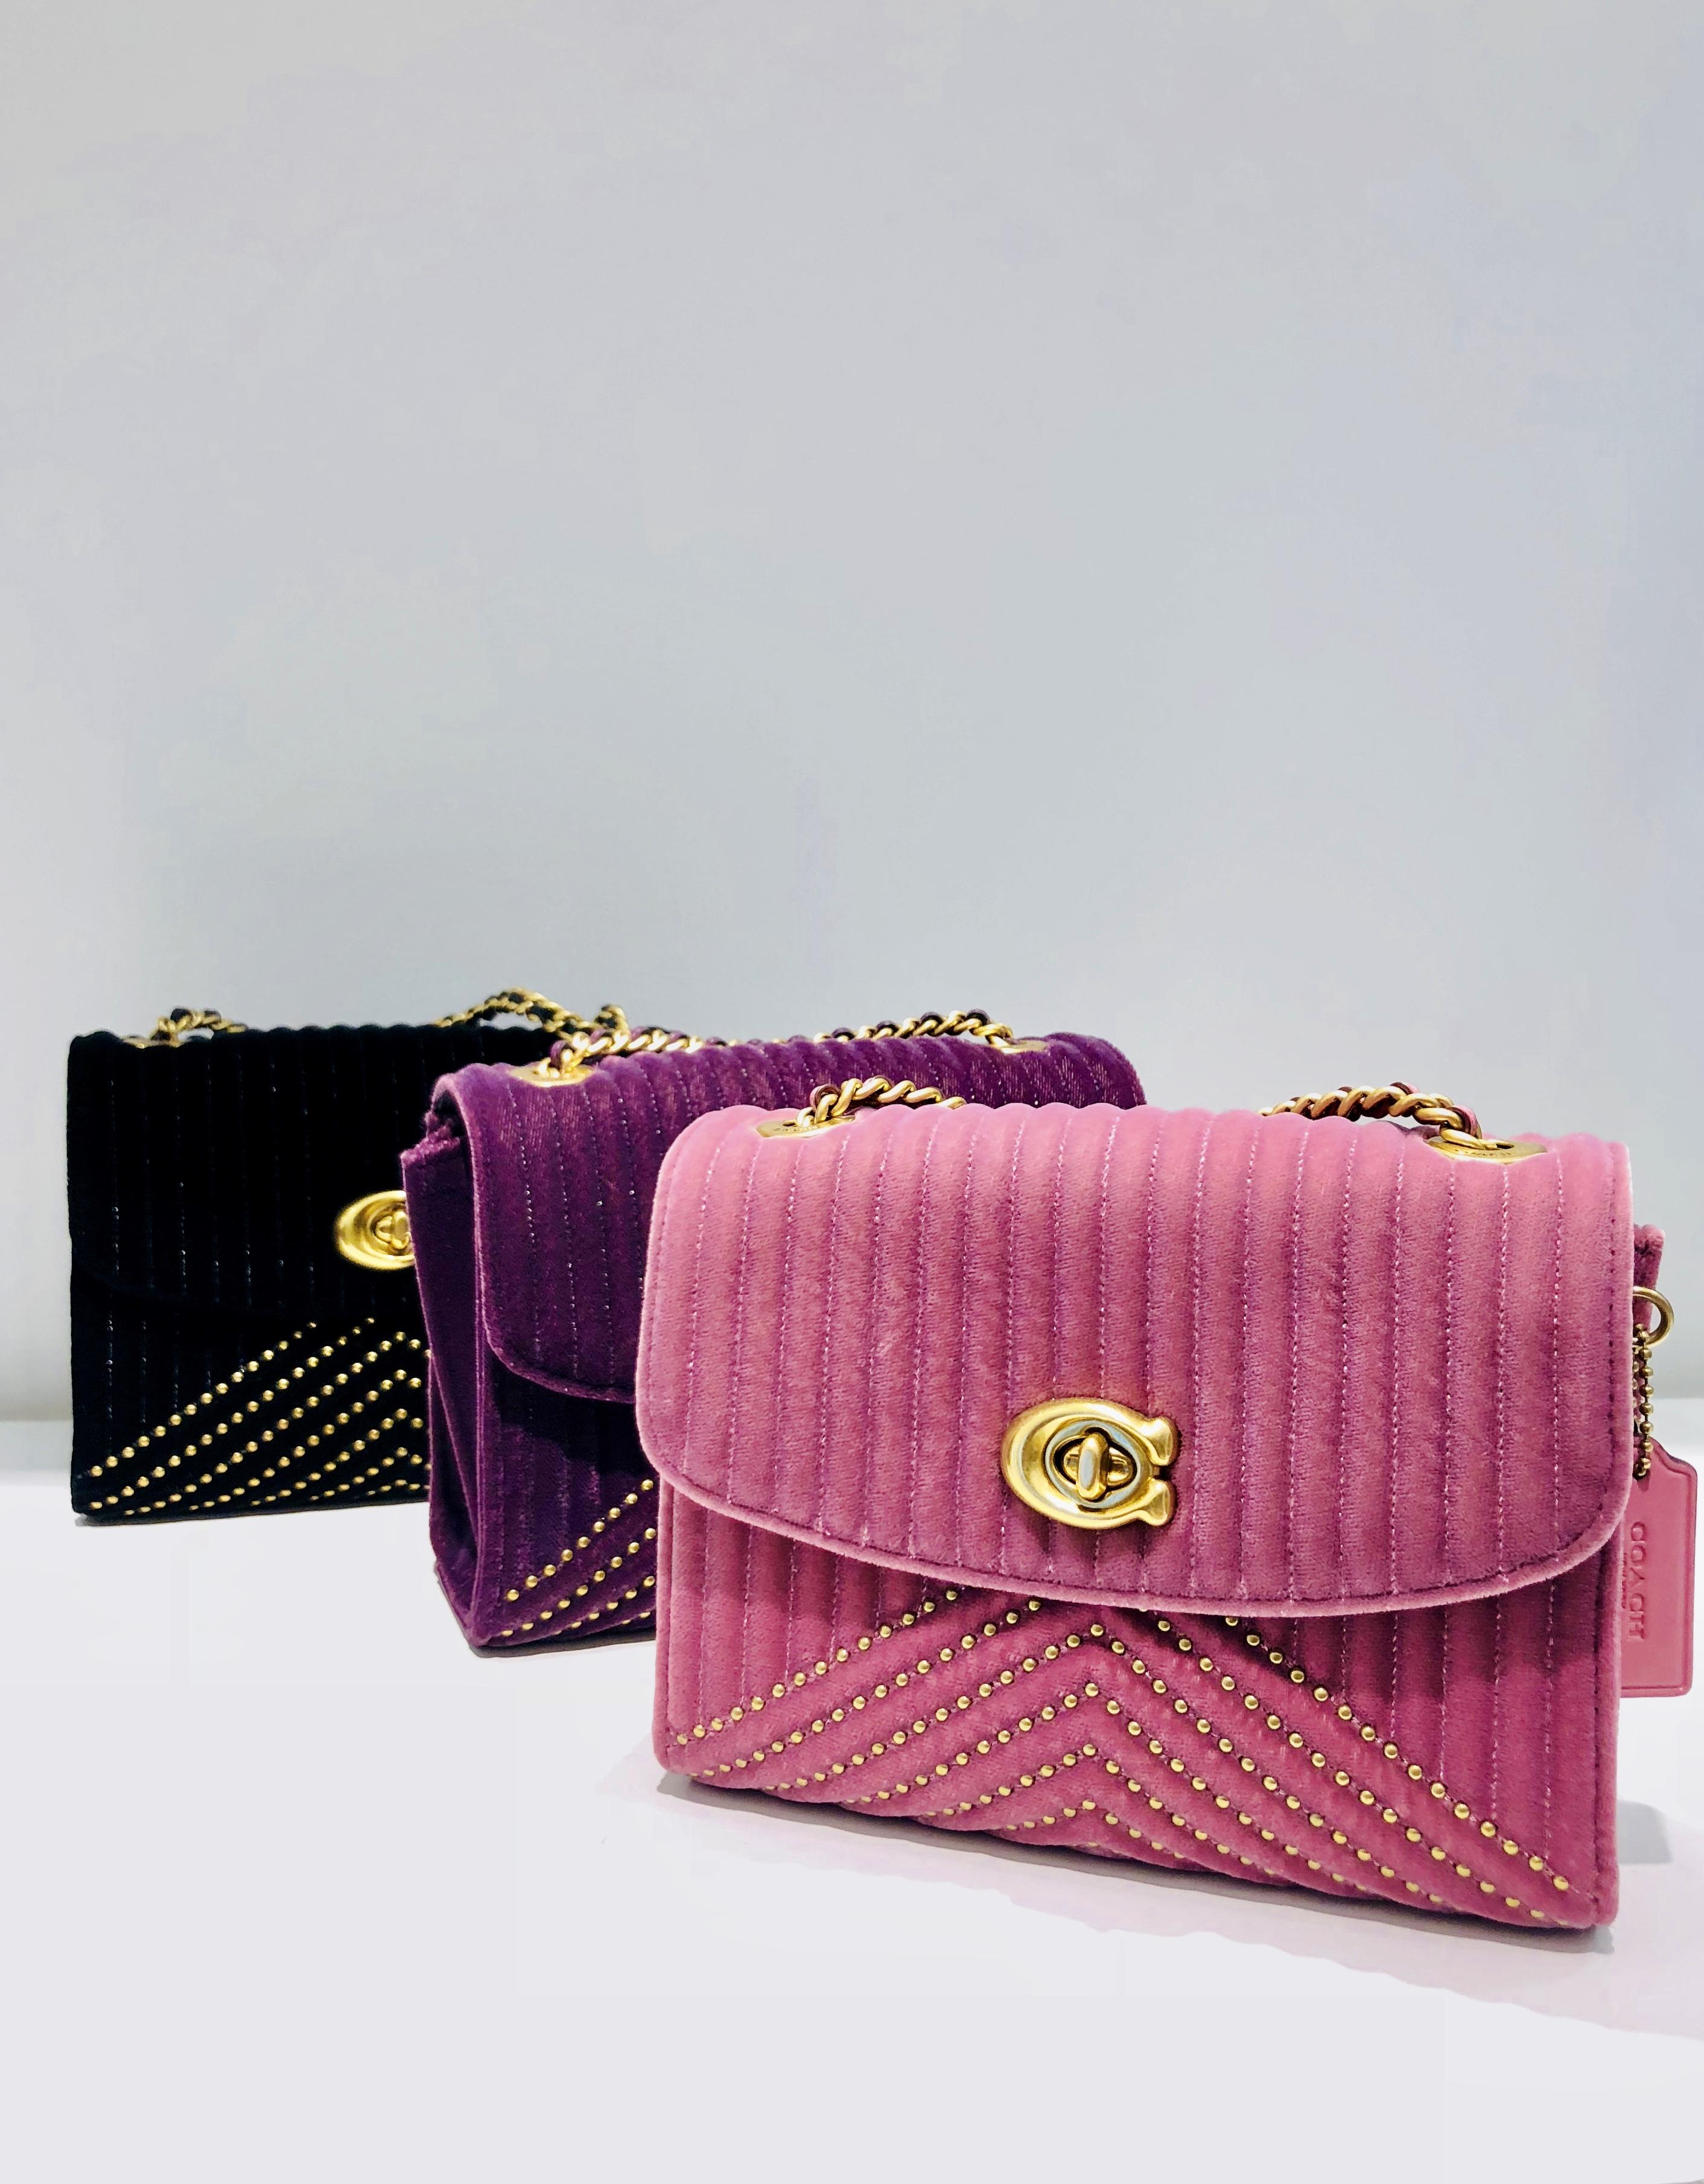 Save Or Splurge Ping For Handbags At Atl